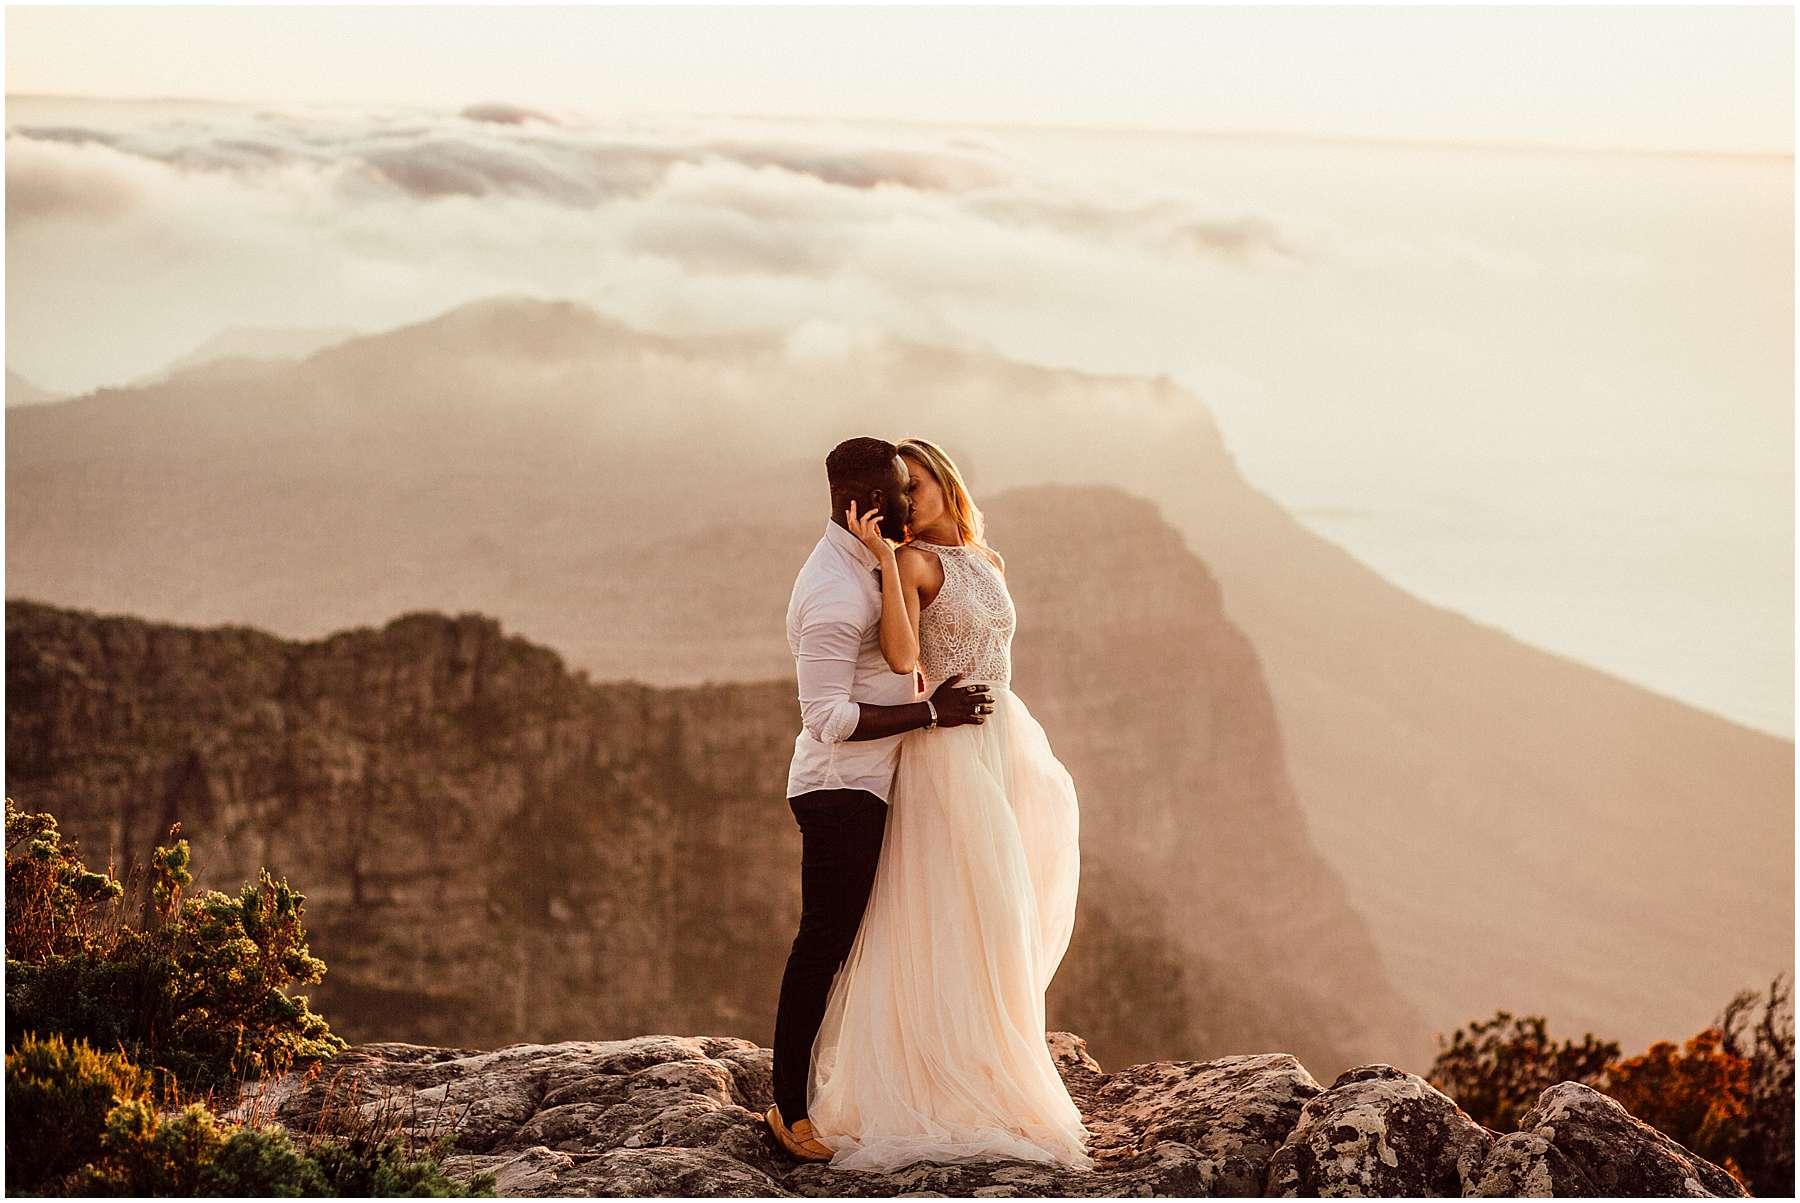 LOTTYH-South-Africa-Elopement-Photographer_0031.jpg